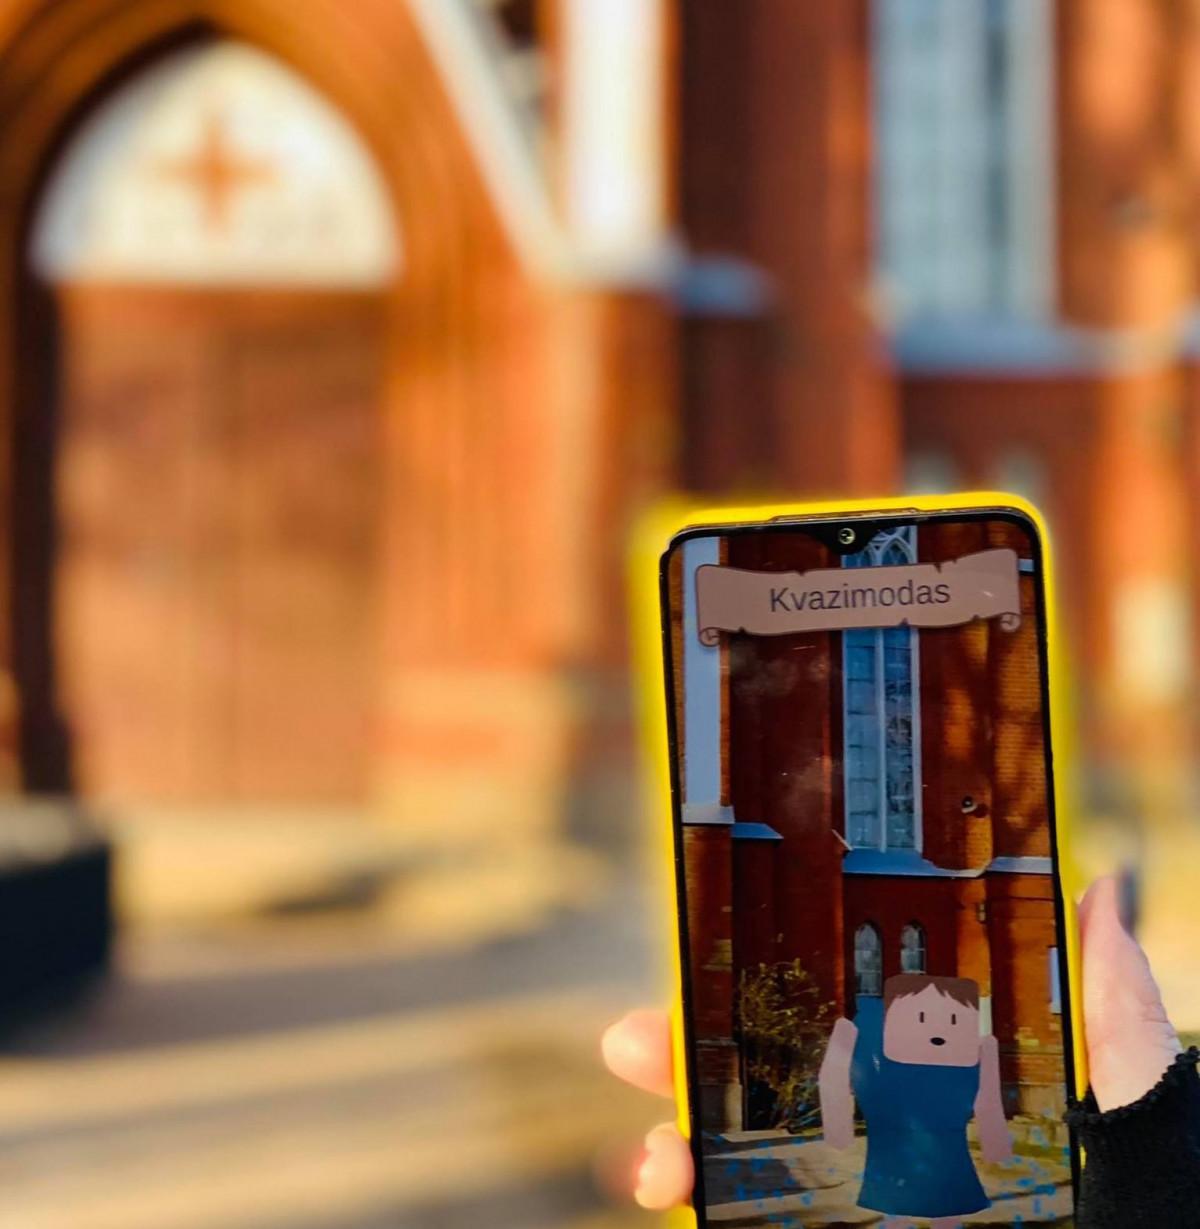 Lietuviška Pokemonų alternatyva: aplankyk Šilalę su virtualiais knygų herojais